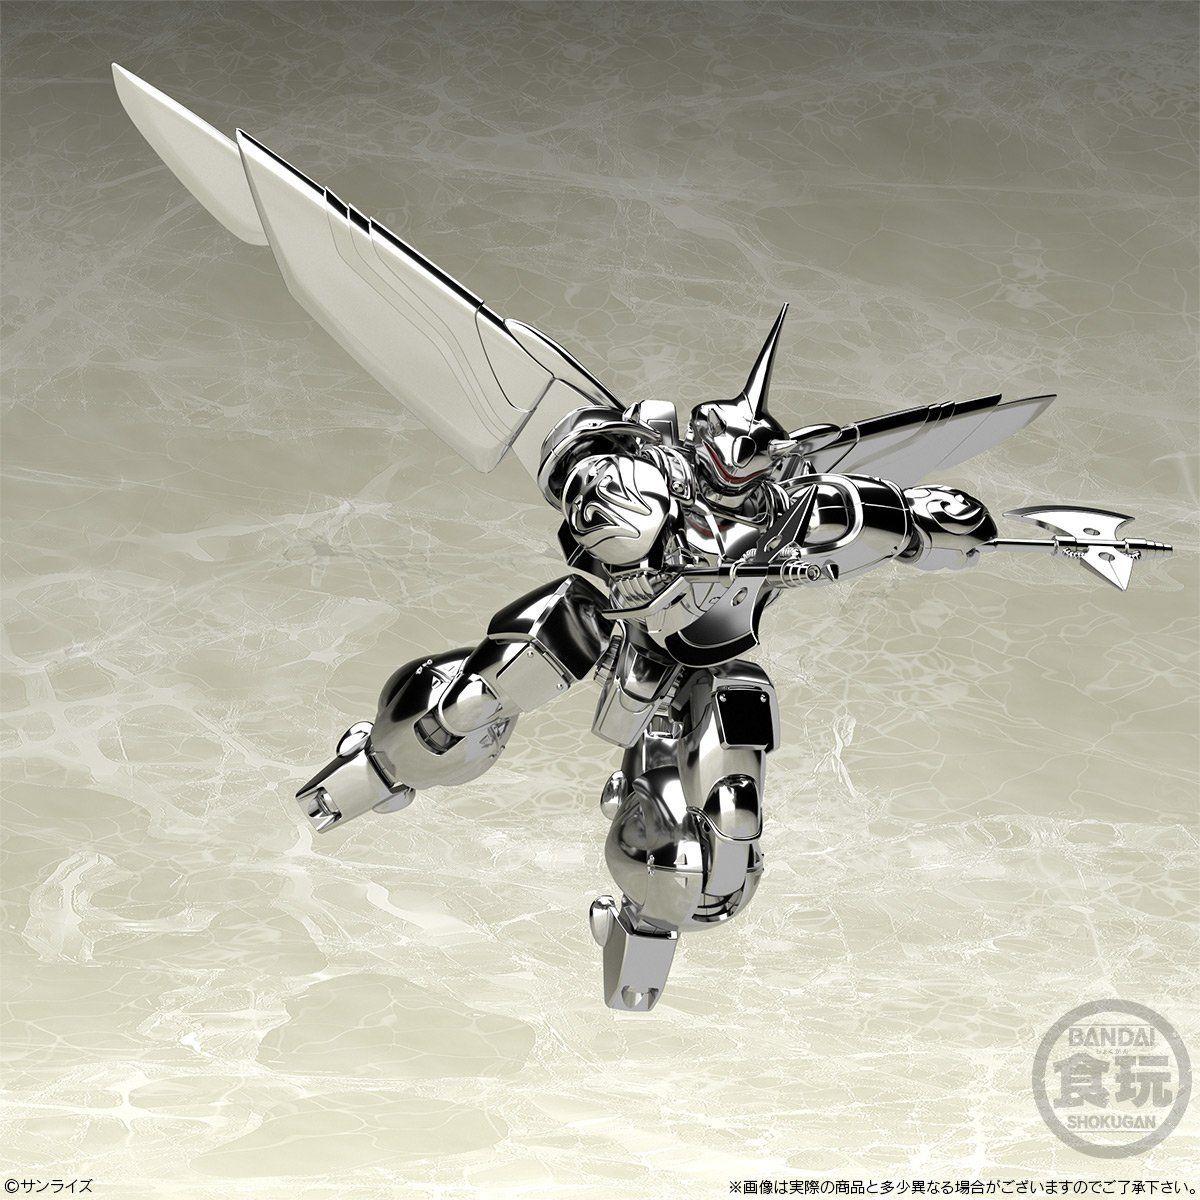 スーパーミニプラ『飛甲兵ウィンガル・ジー ハイ・シャルタット機 機甲界ガリアン』プラモデル-006